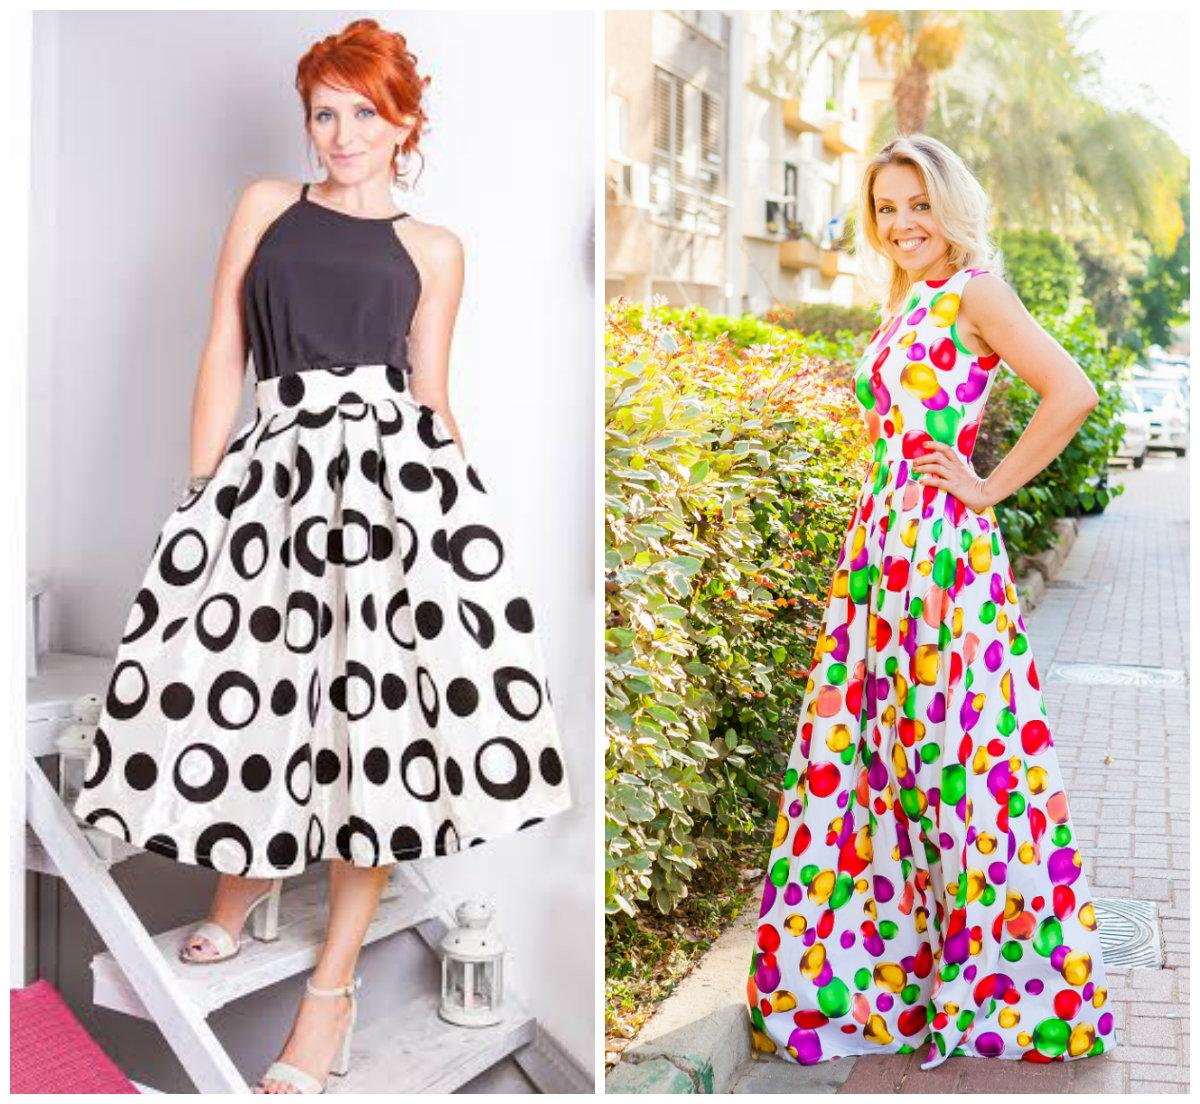 Мода для всех или стиль для себя: что выбрать? Советуют Елена Гладовски и Юлия Грин